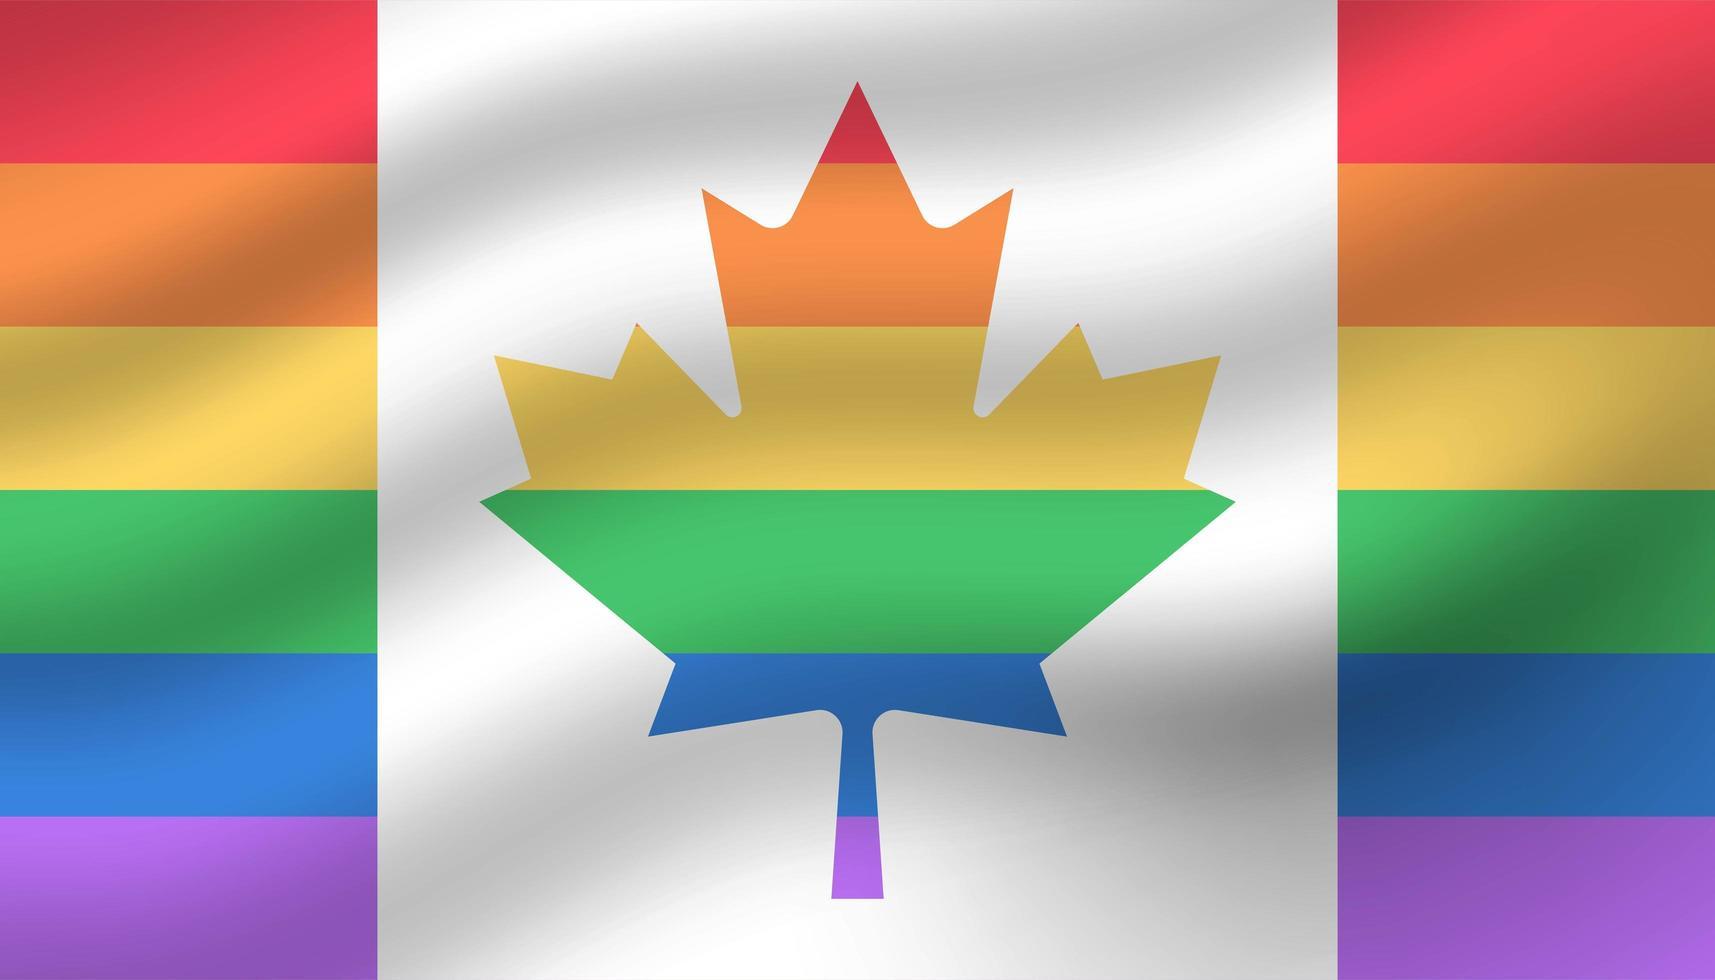 fond de jour de fierté de drapeau canada vecteur